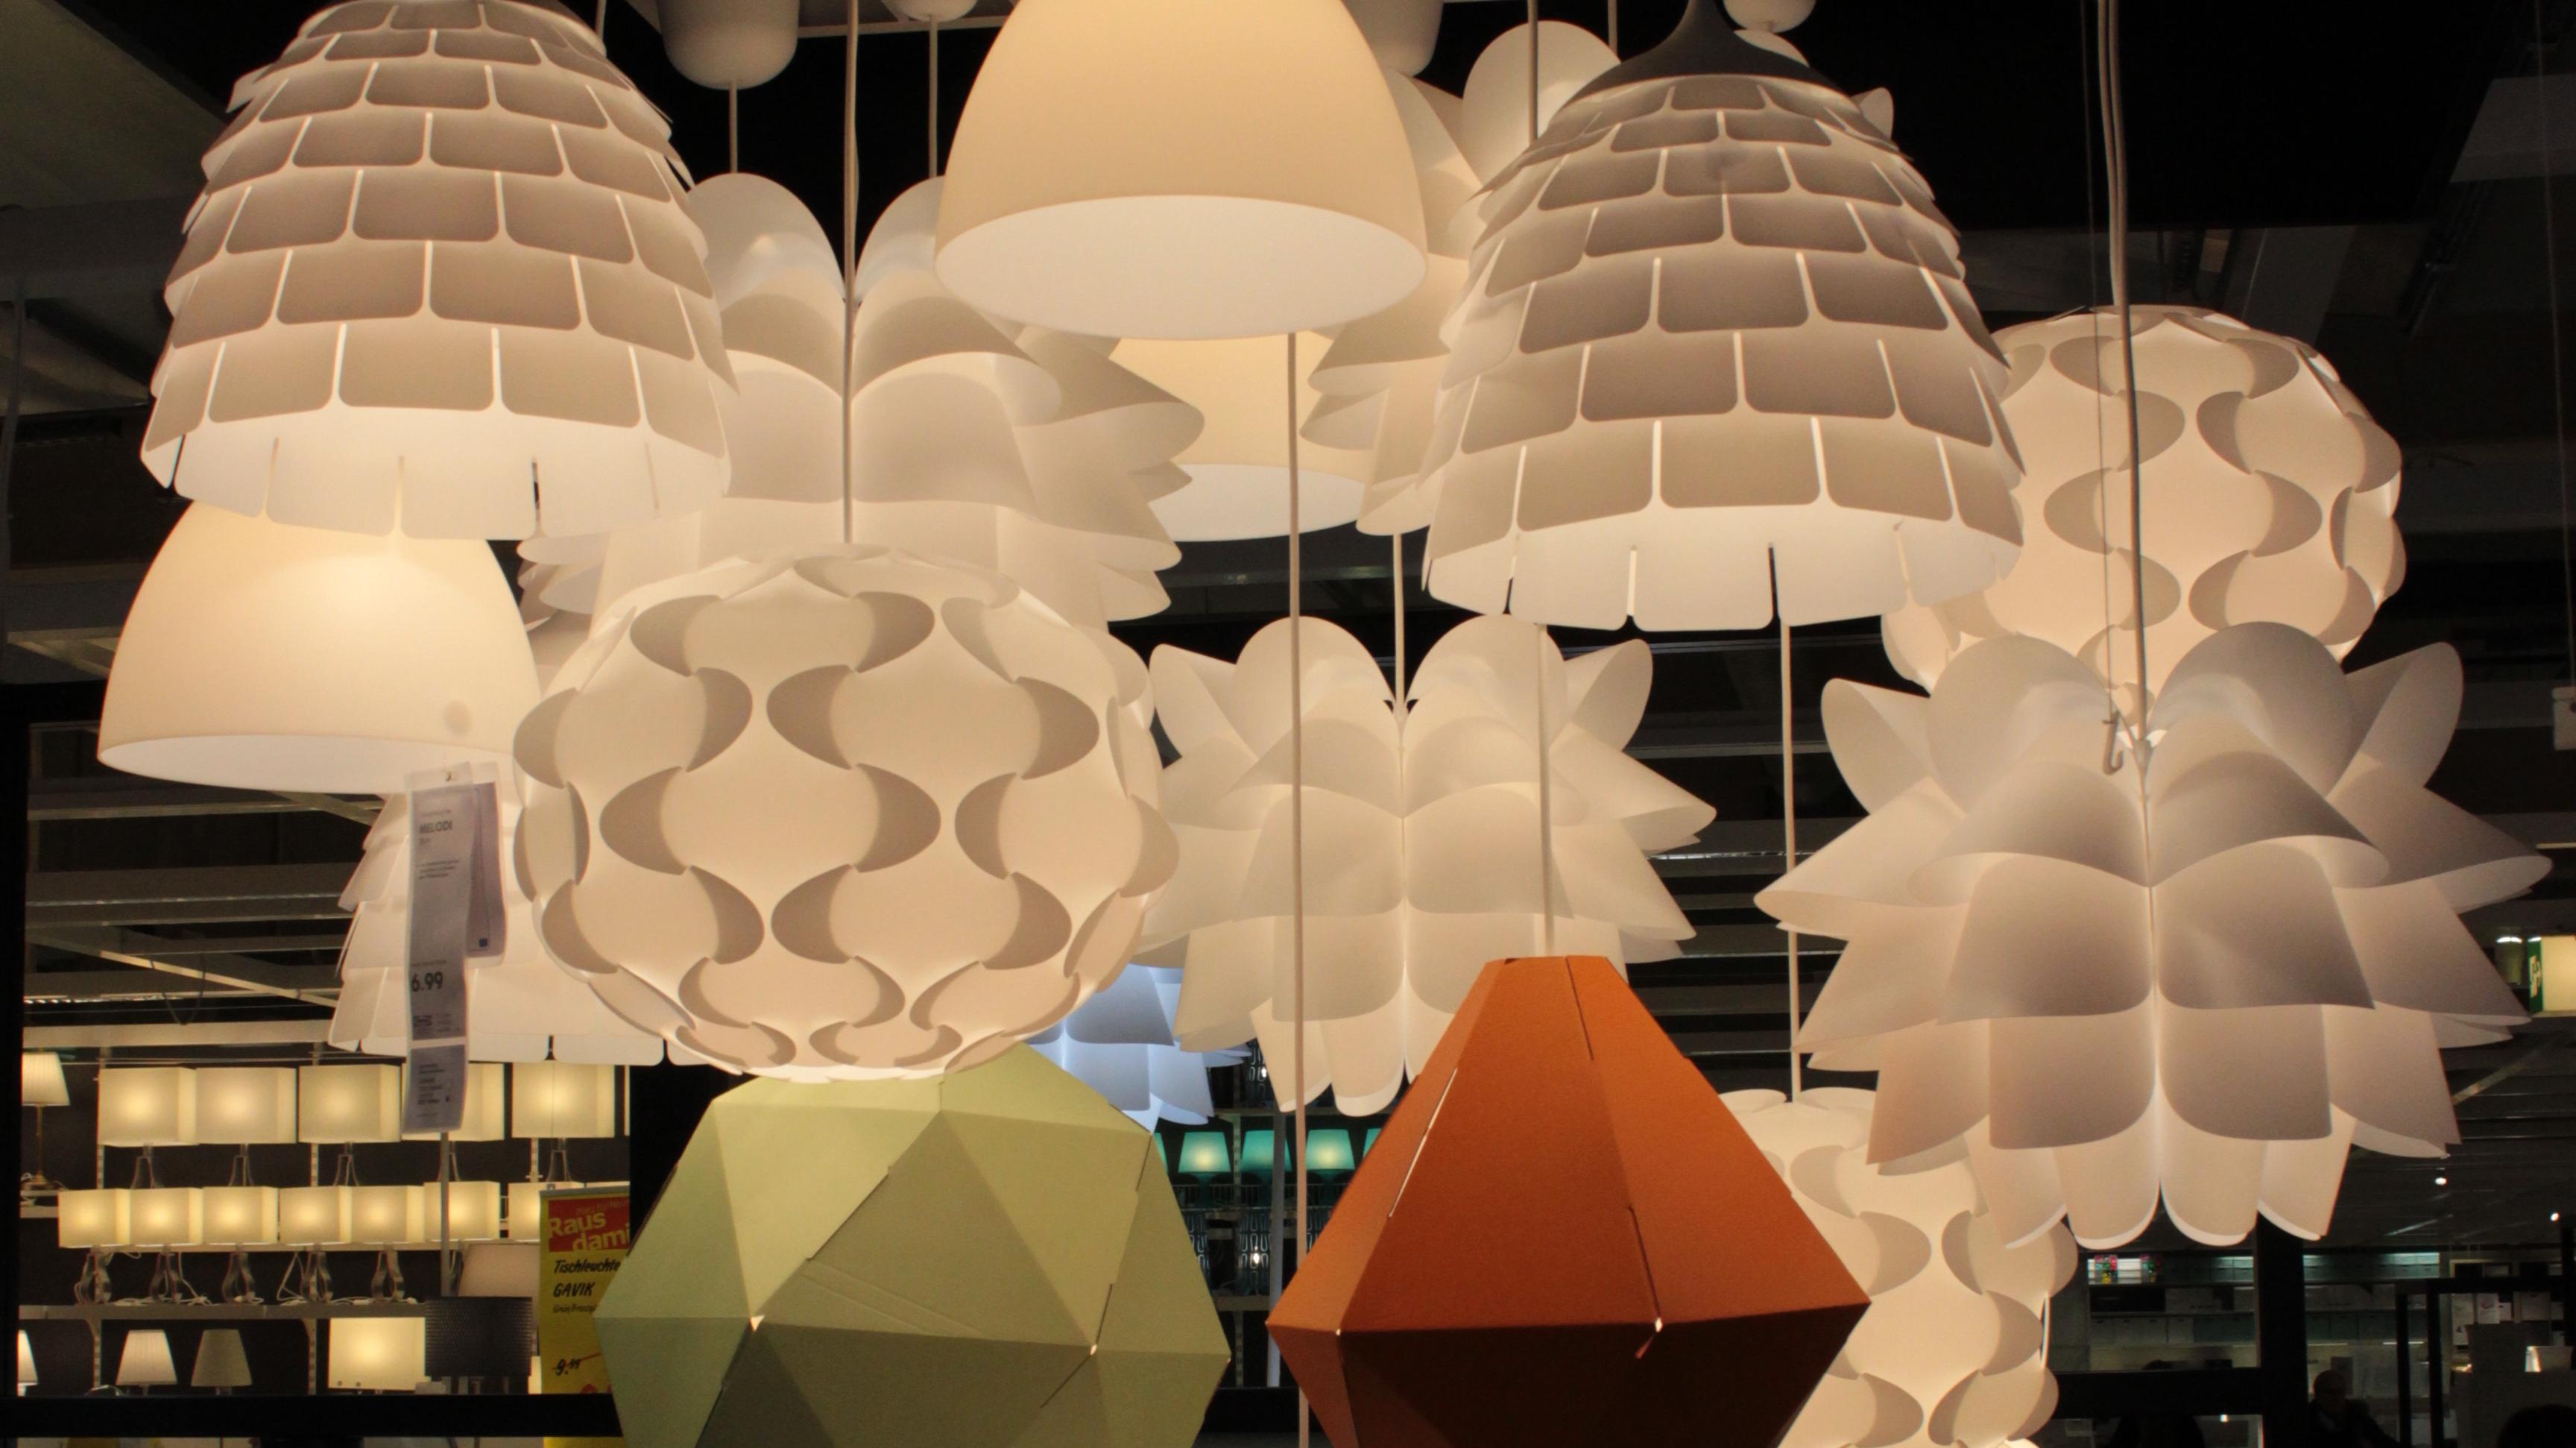 ikea hacking lampen aus k chenutensilien make. Black Bedroom Furniture Sets. Home Design Ideas